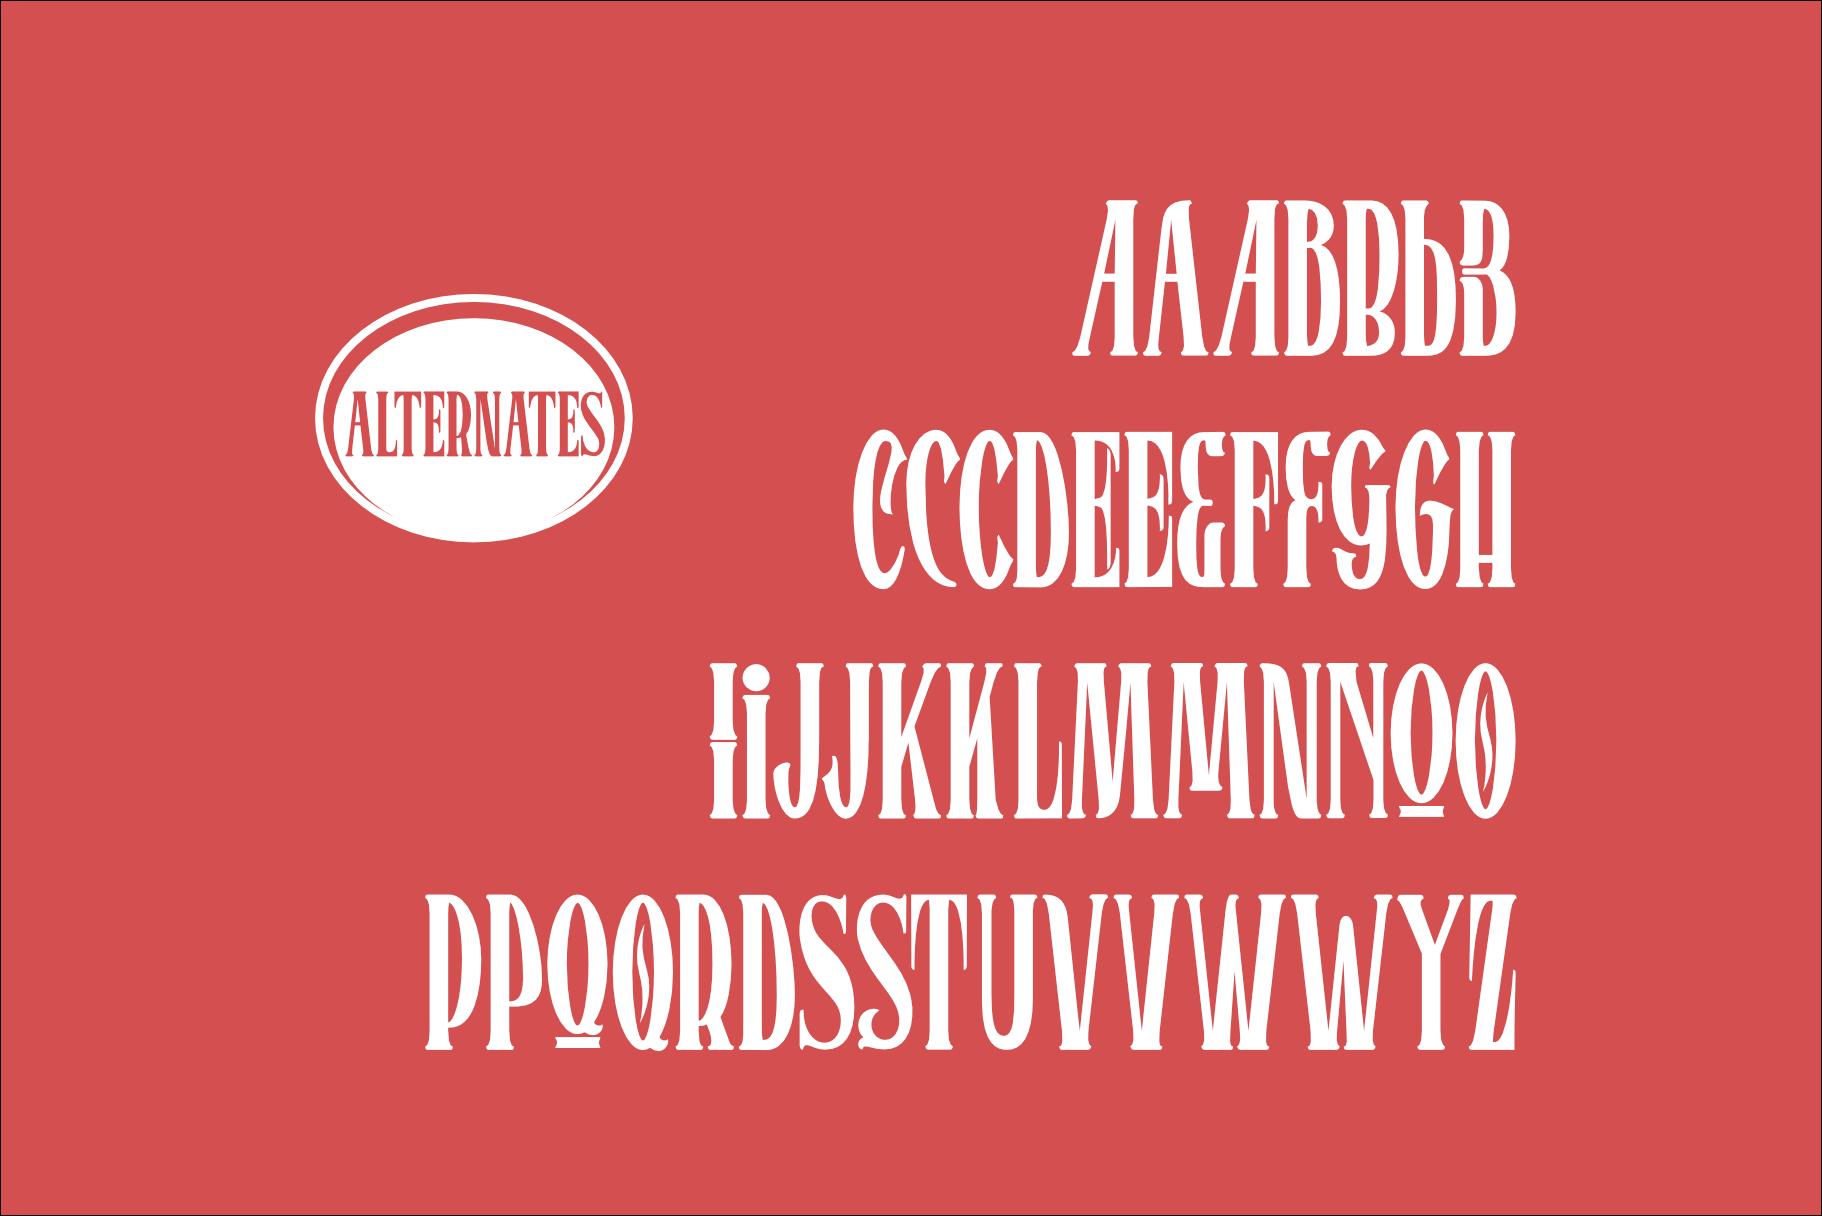 BROMTONE example image 11